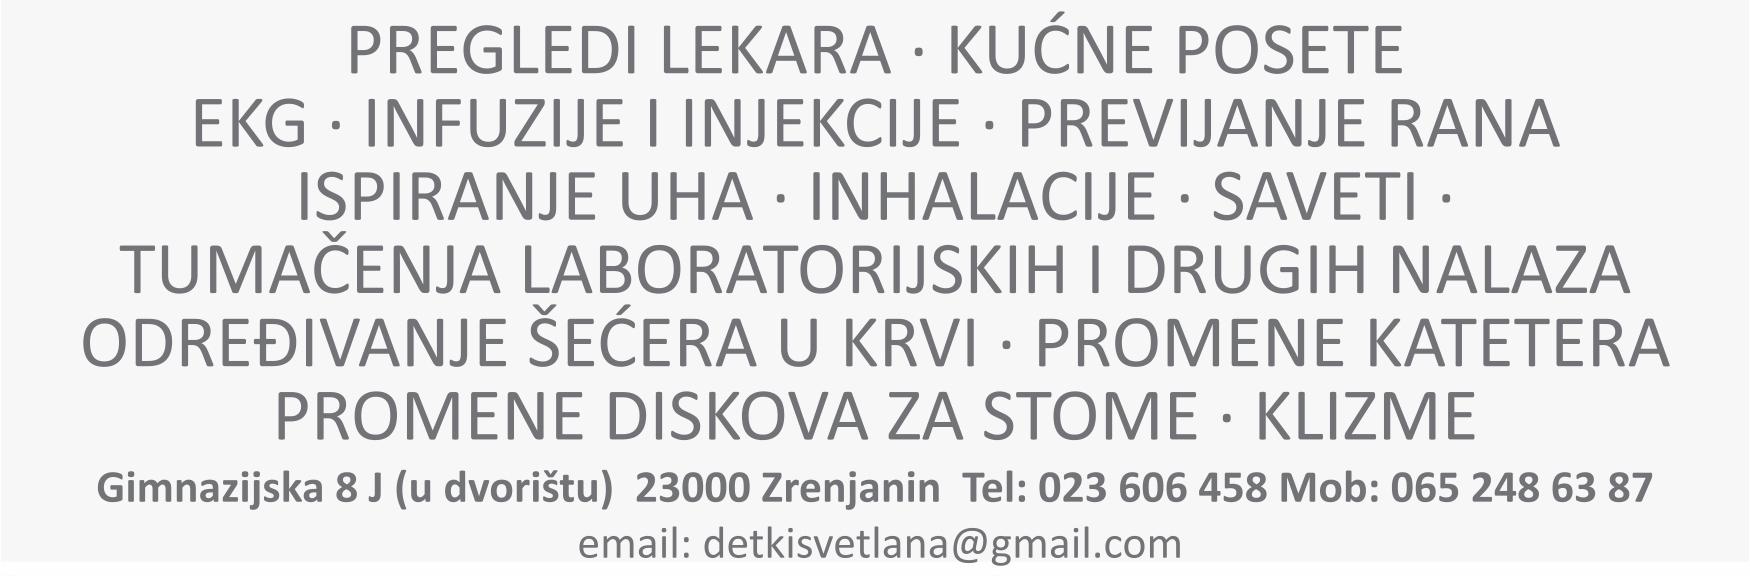 Dr vash lekar - Naslovna'donjideo